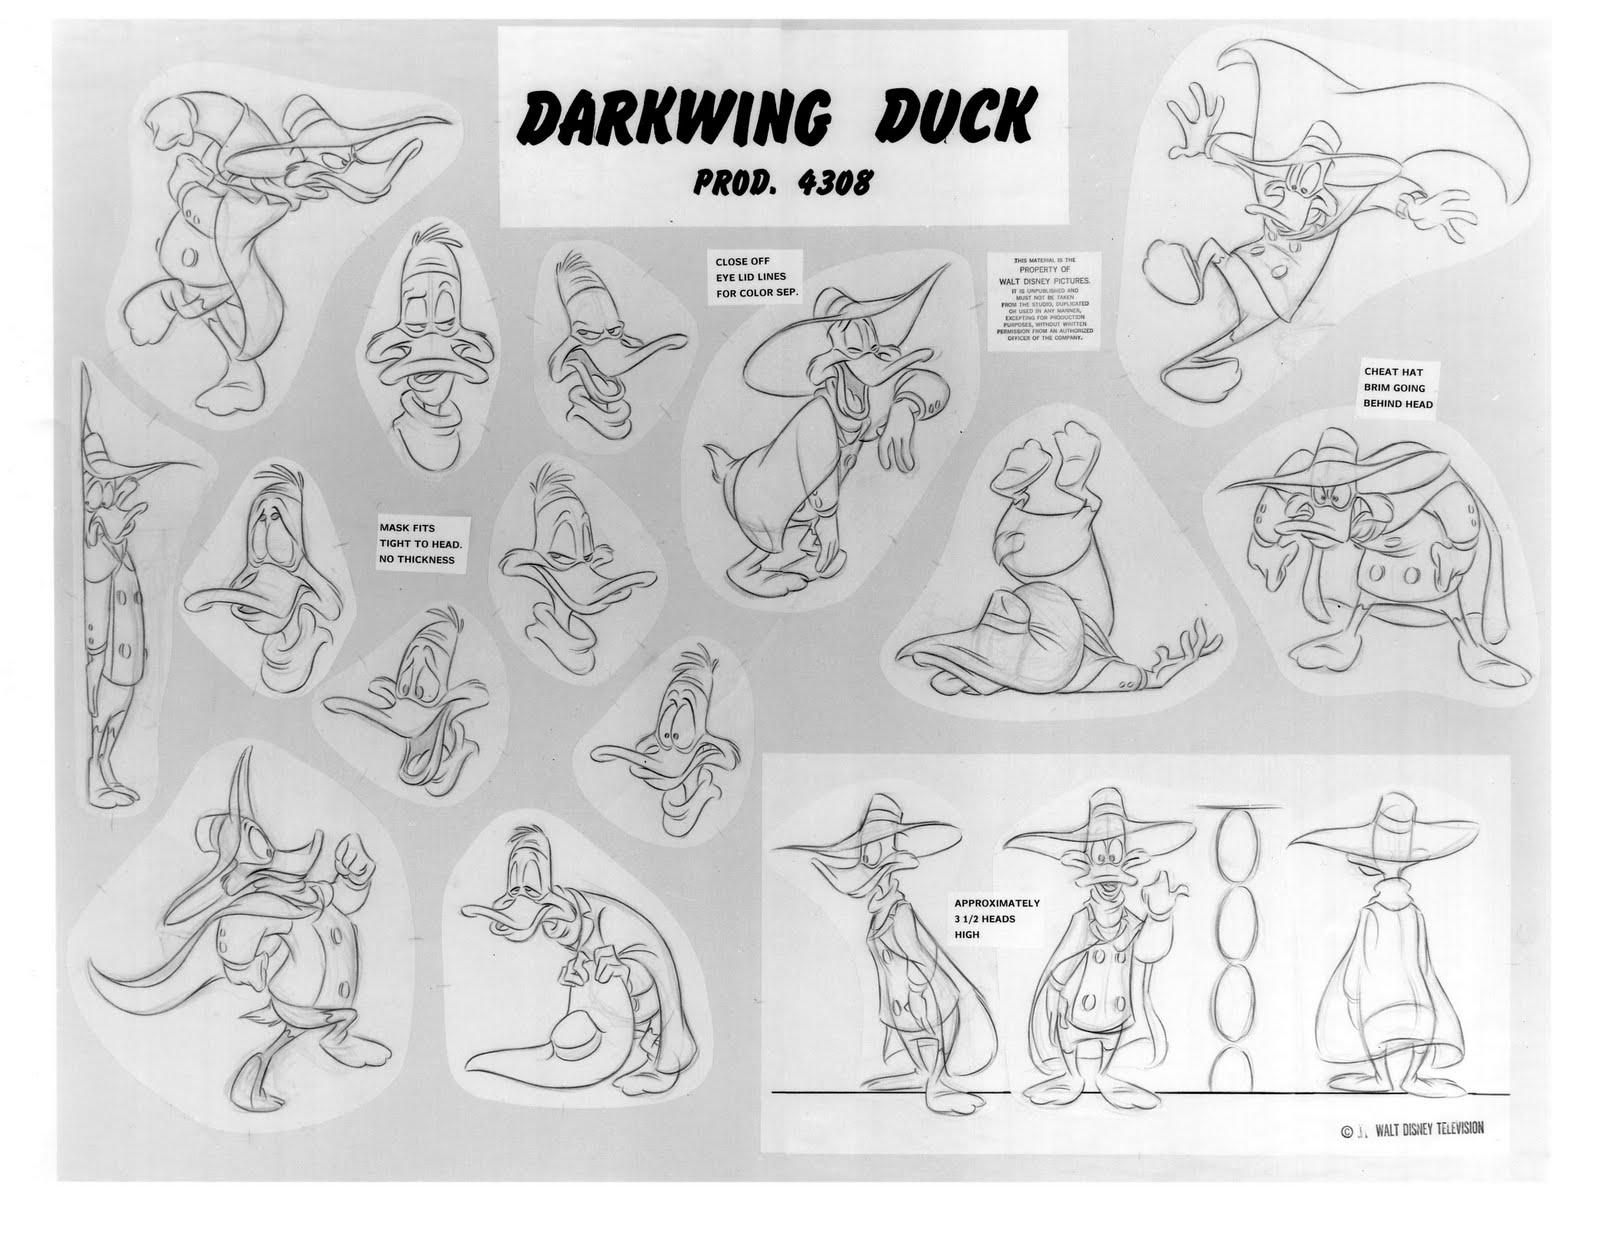 http://www.traditionalanimation.com/wp-content/gallery/darkwing-duck/DarkwingDuckModelSheet1.jpg